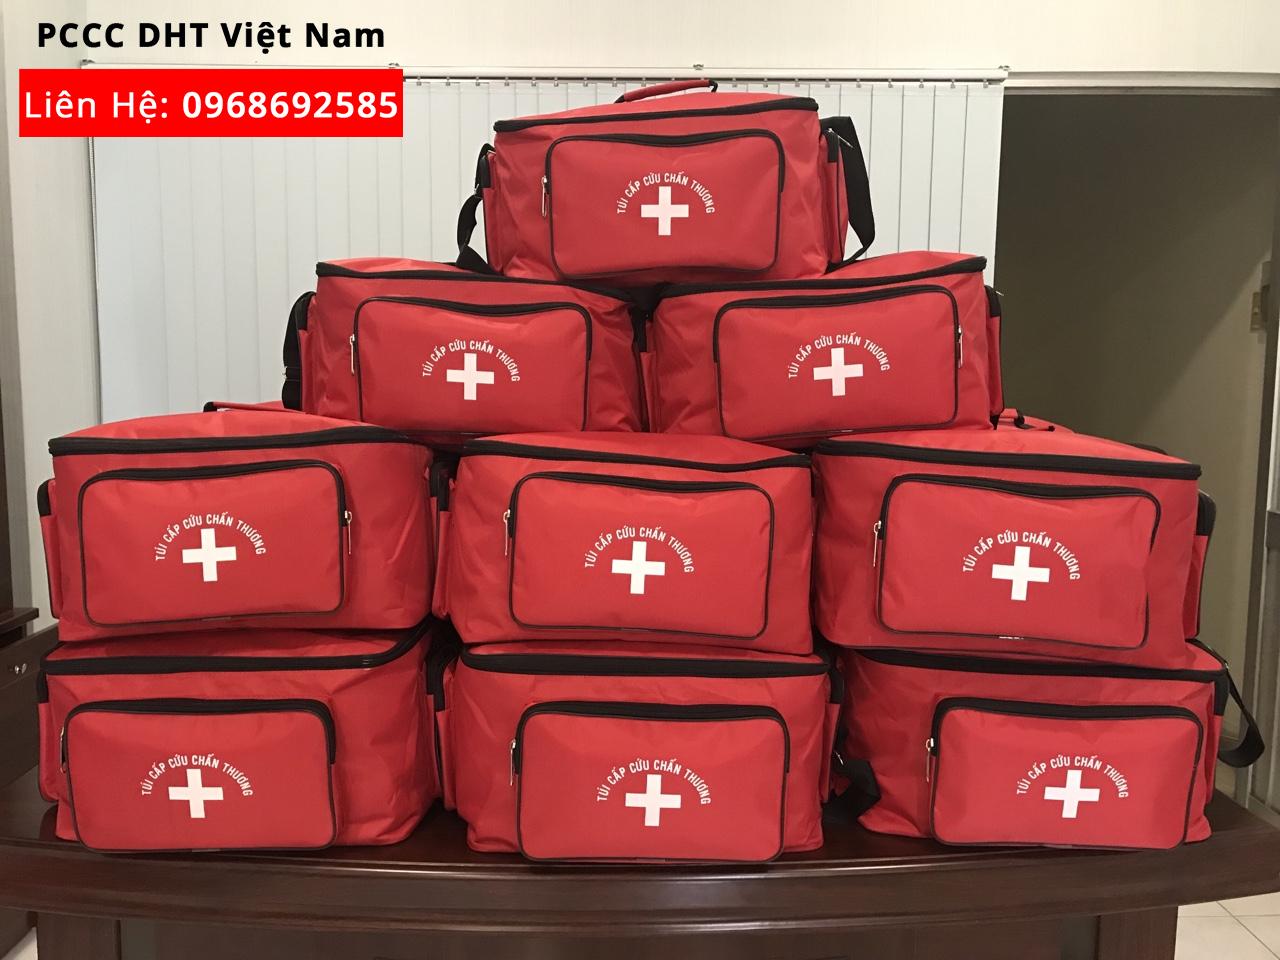 Chiếc túi cứu thương loại A nhỏ gọn, xinh xắn sẽ được đơn vị cung cấp túi cứu thương loại A tại Khu công nghiệp Minh Đức trao đến tận tay bạn.